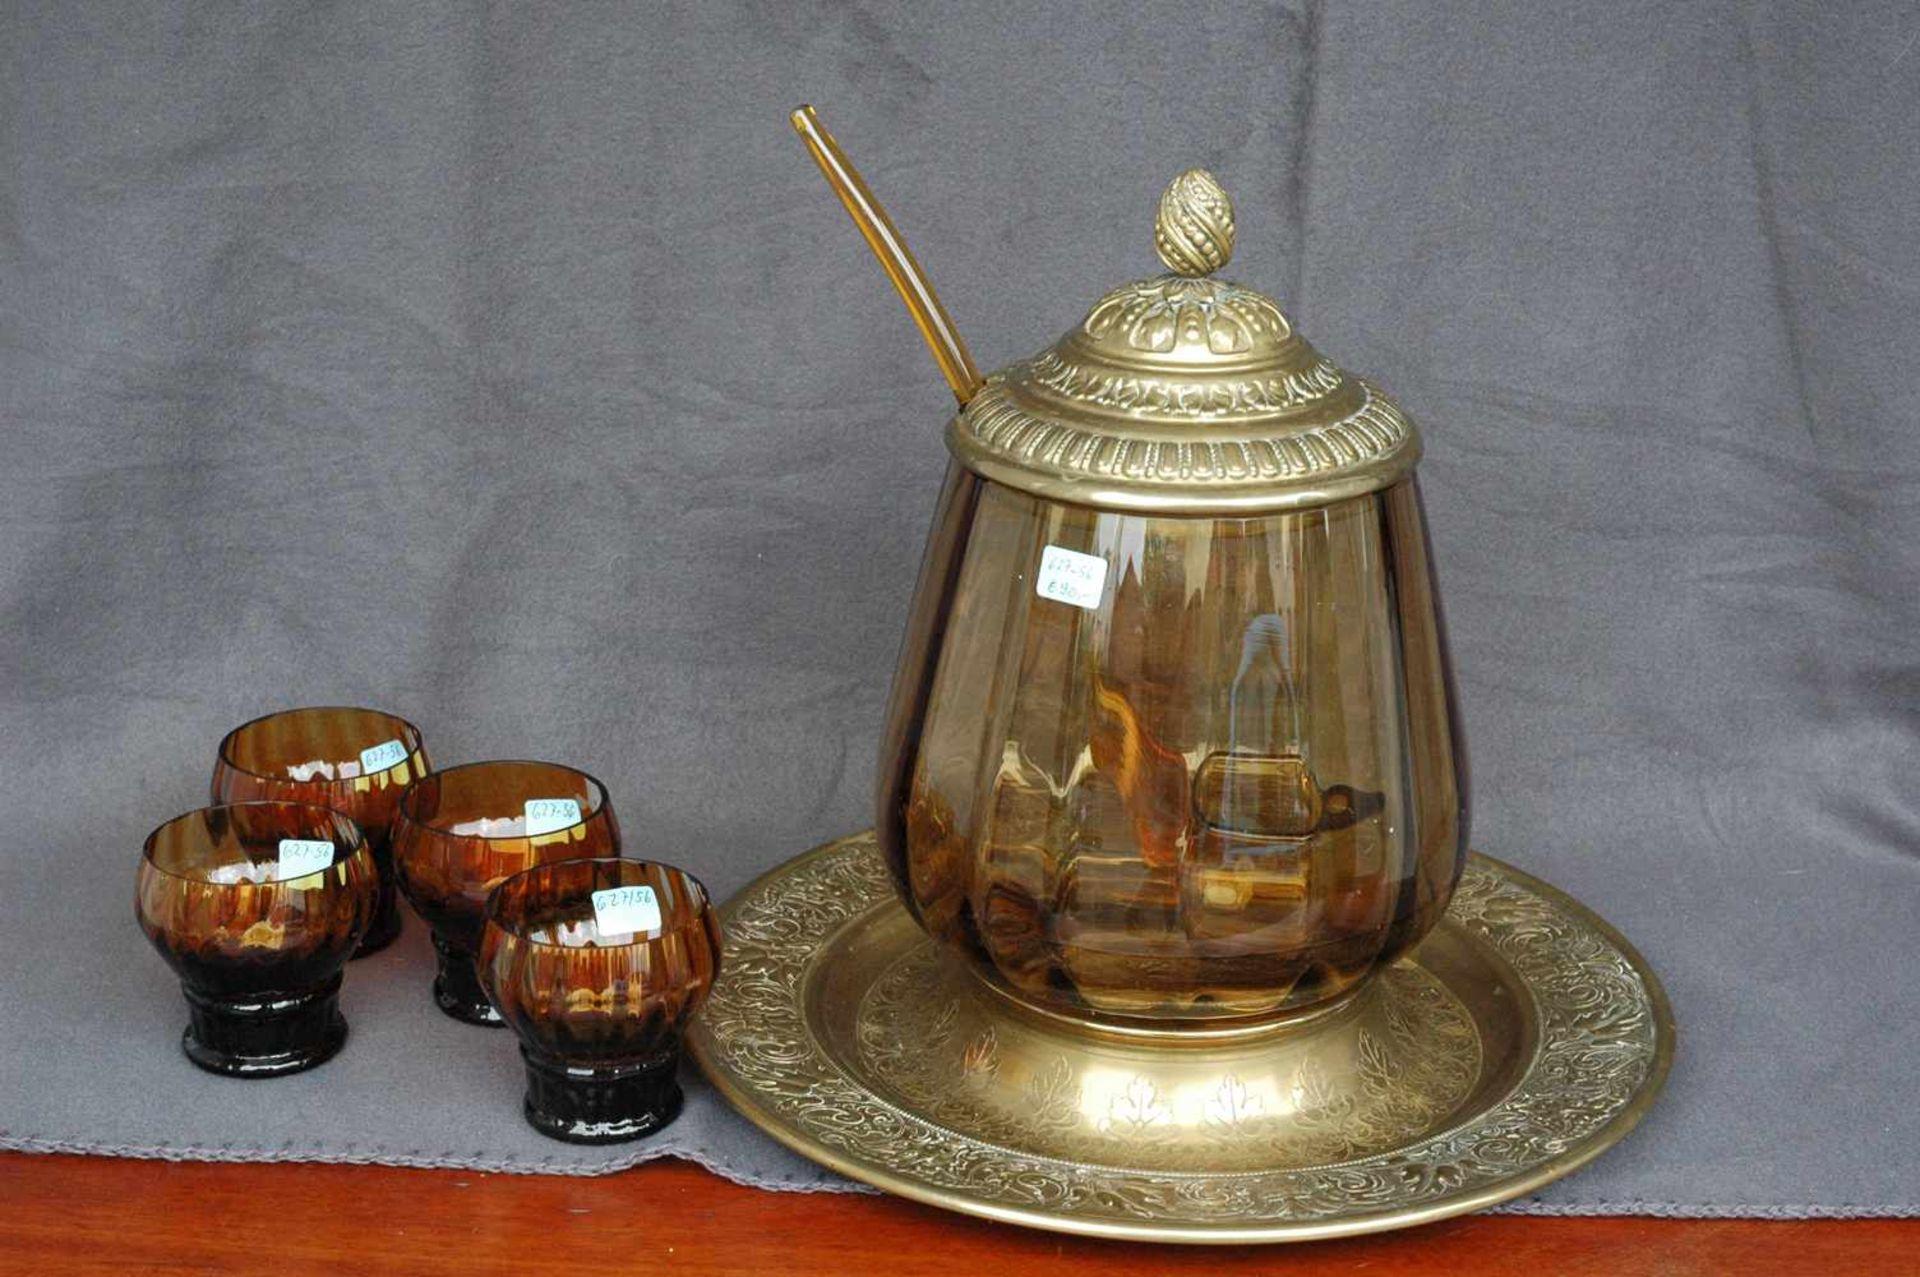 Bowlengefäß, Messing, bernsteinfarbenes Glas mit vier Gläsern